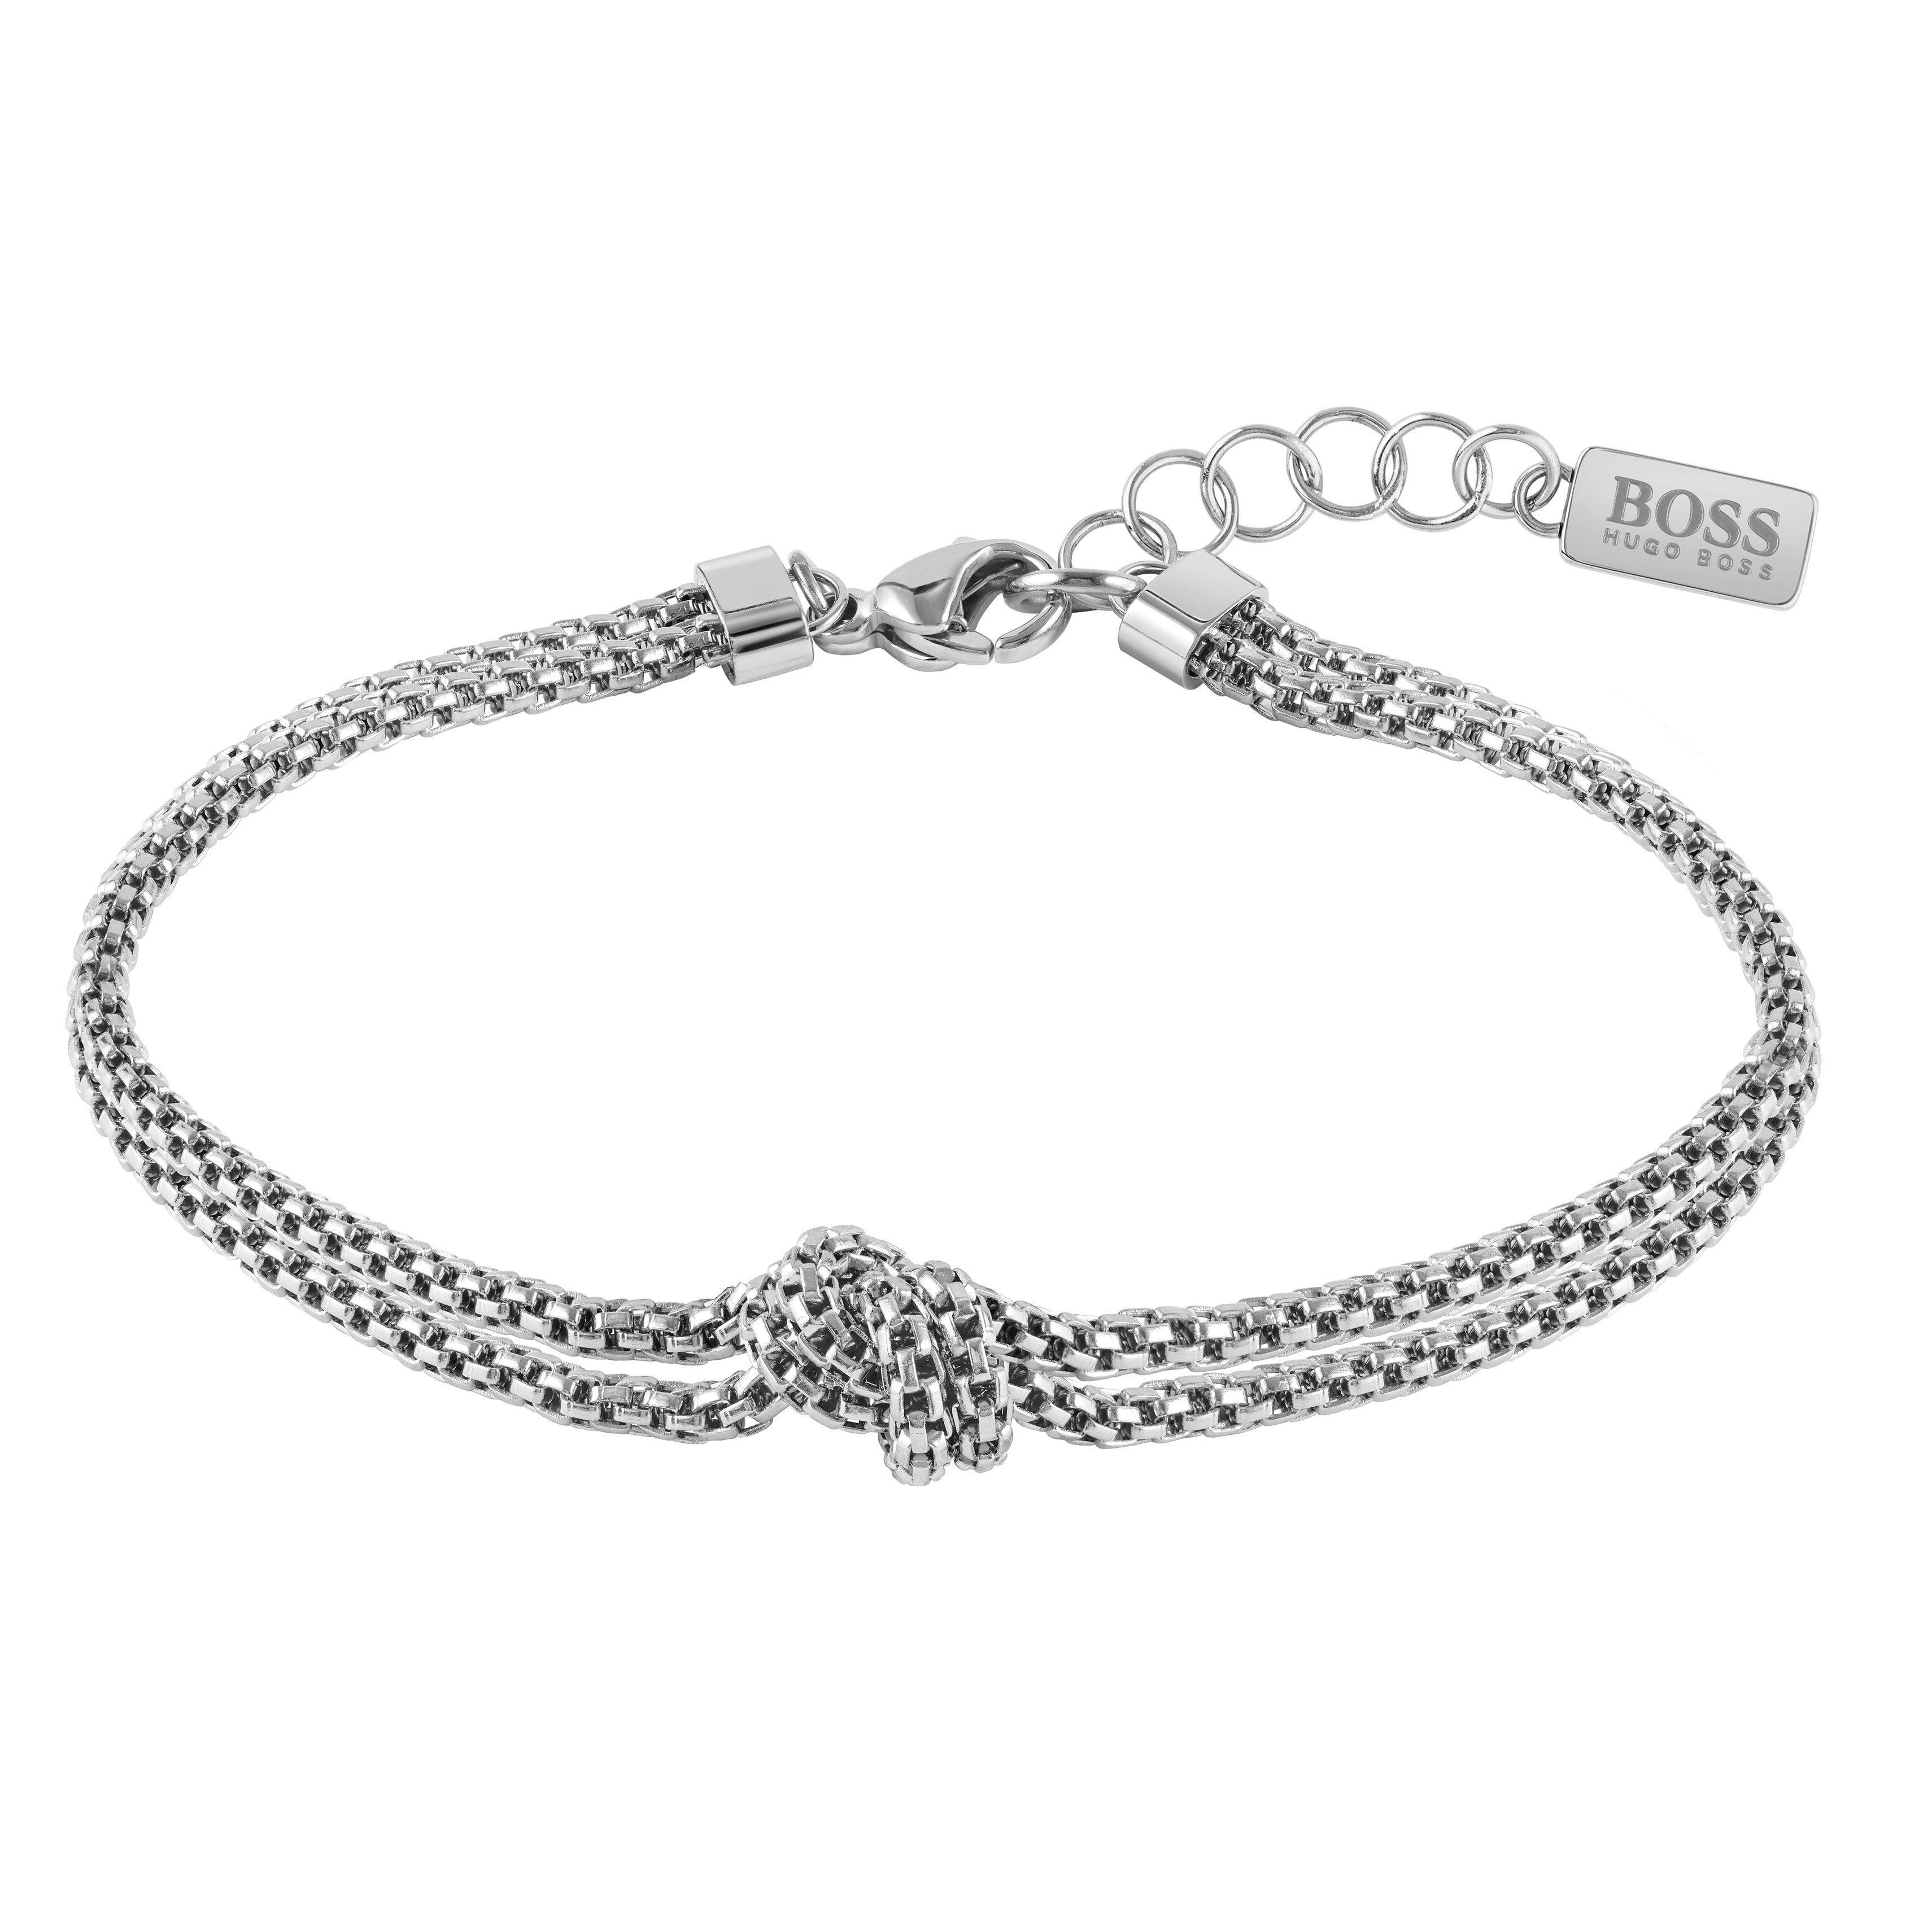 BOSS Rosette Bracelet